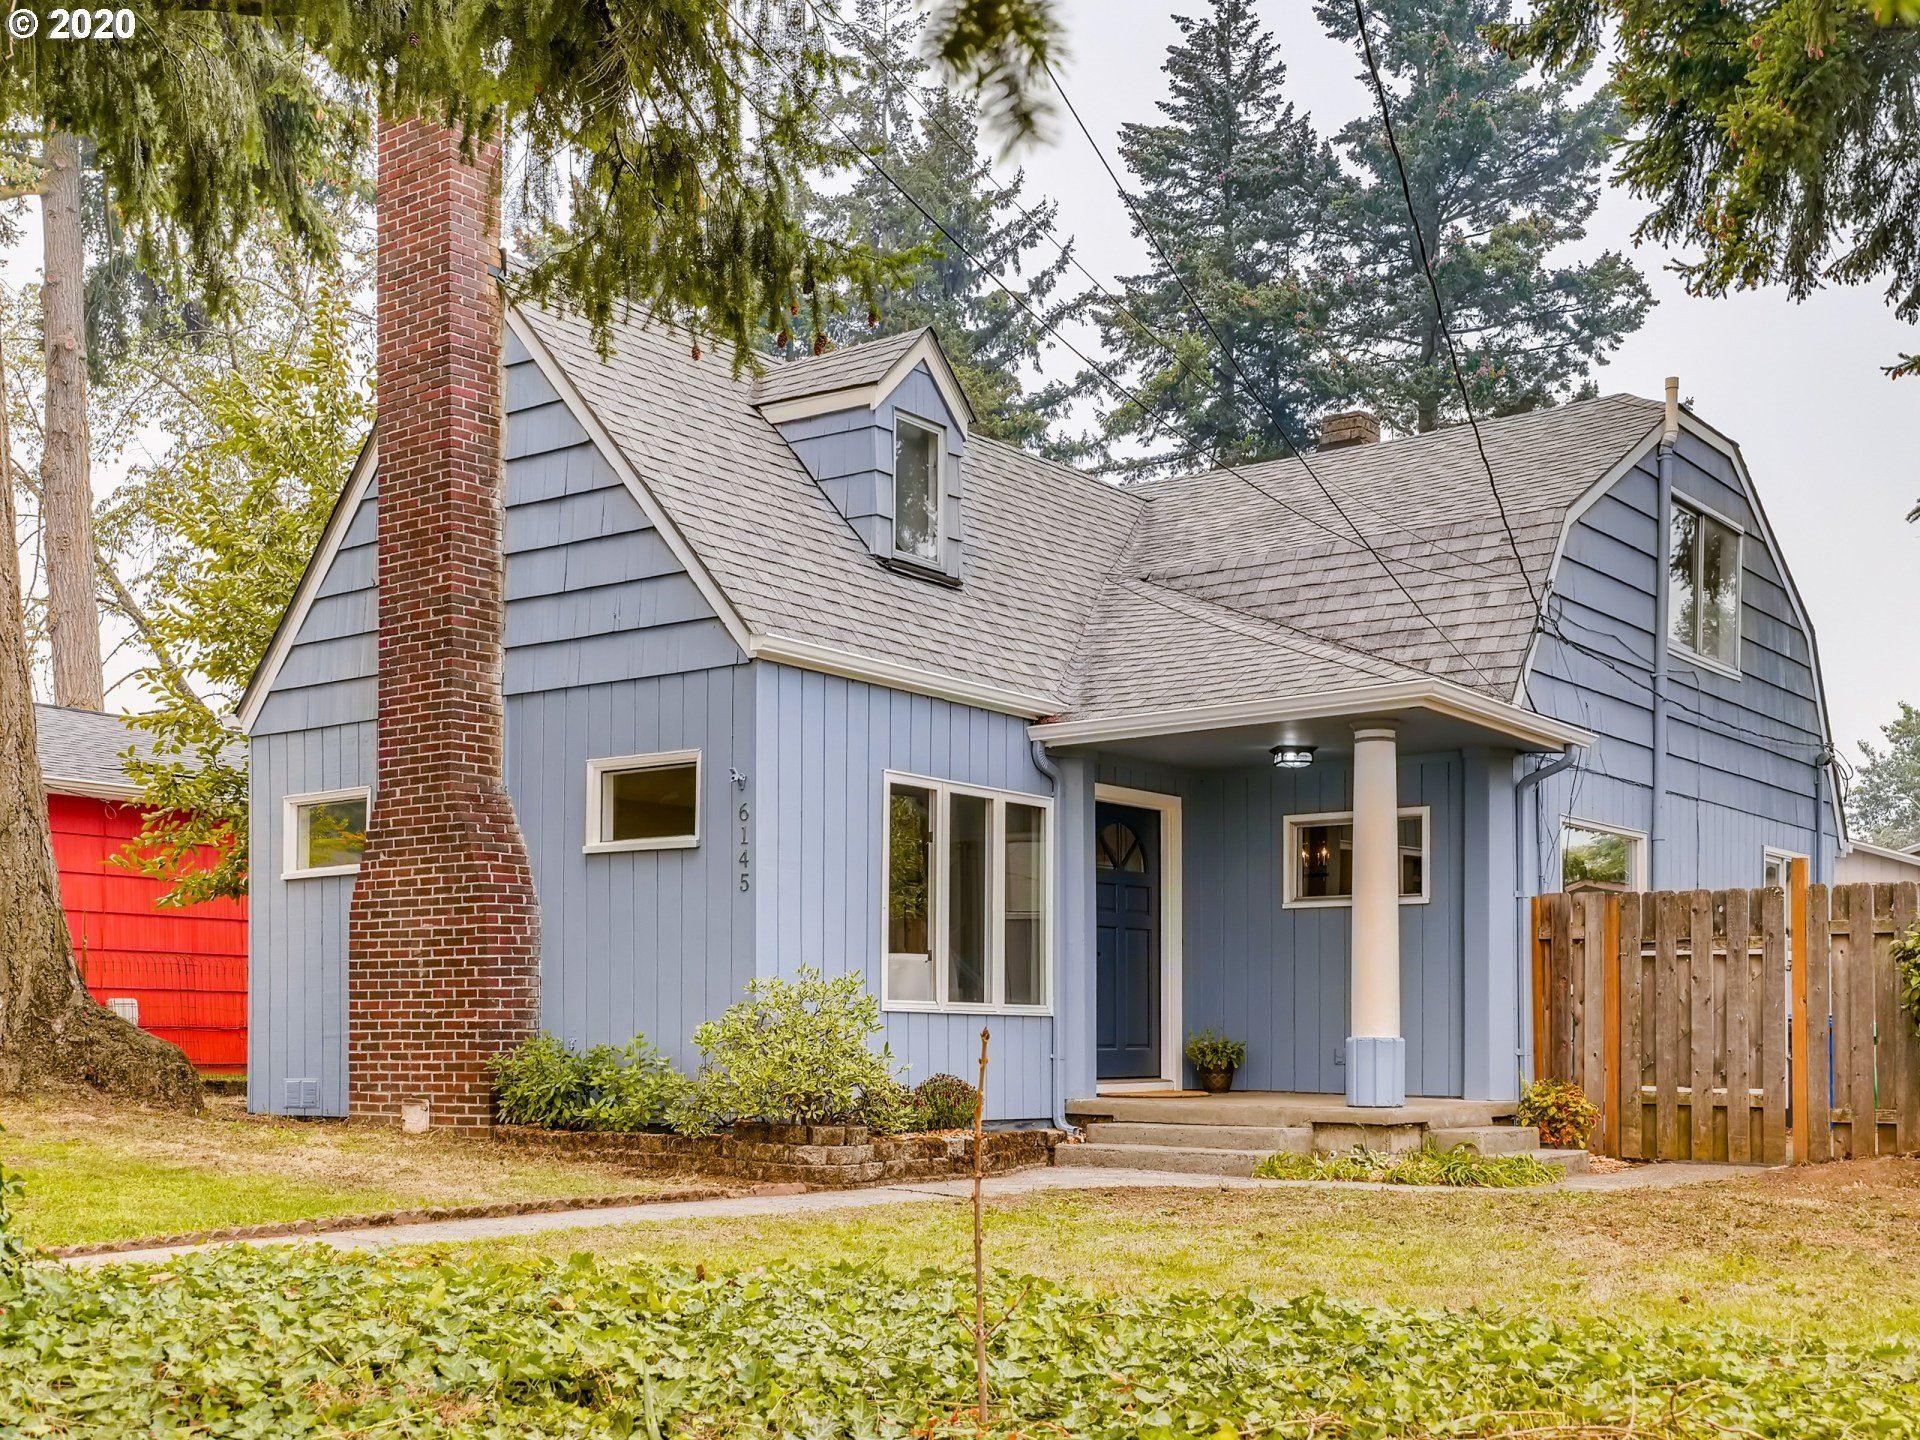 6145 SE MALDEN ST, Portland, OR 97206 - MLS#: 20622913